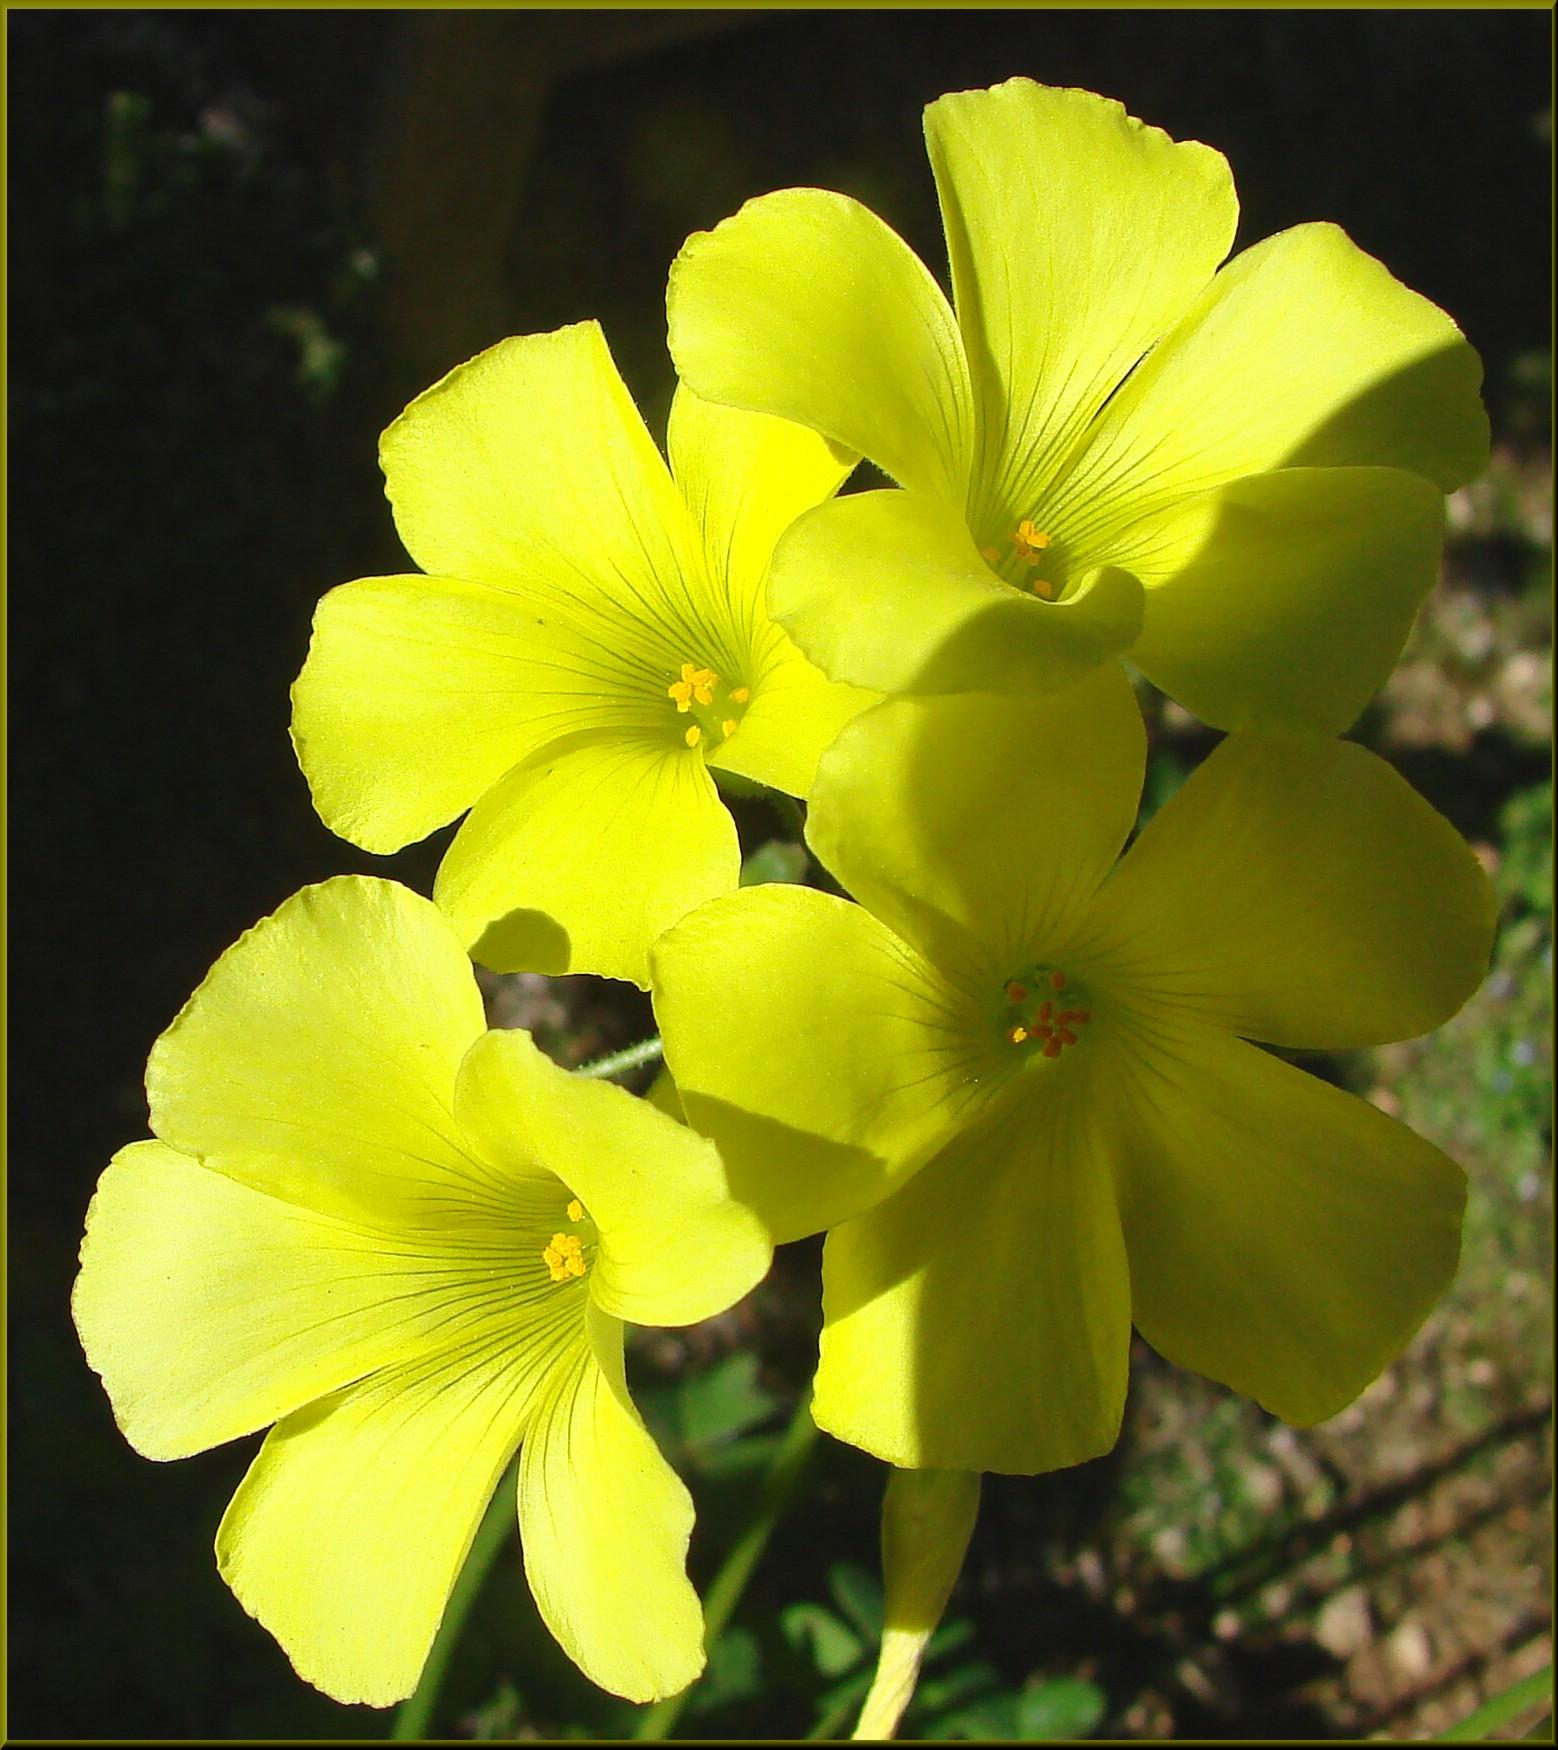 Fileyellow Clover Flower Home 3 10 13a 8551524331g